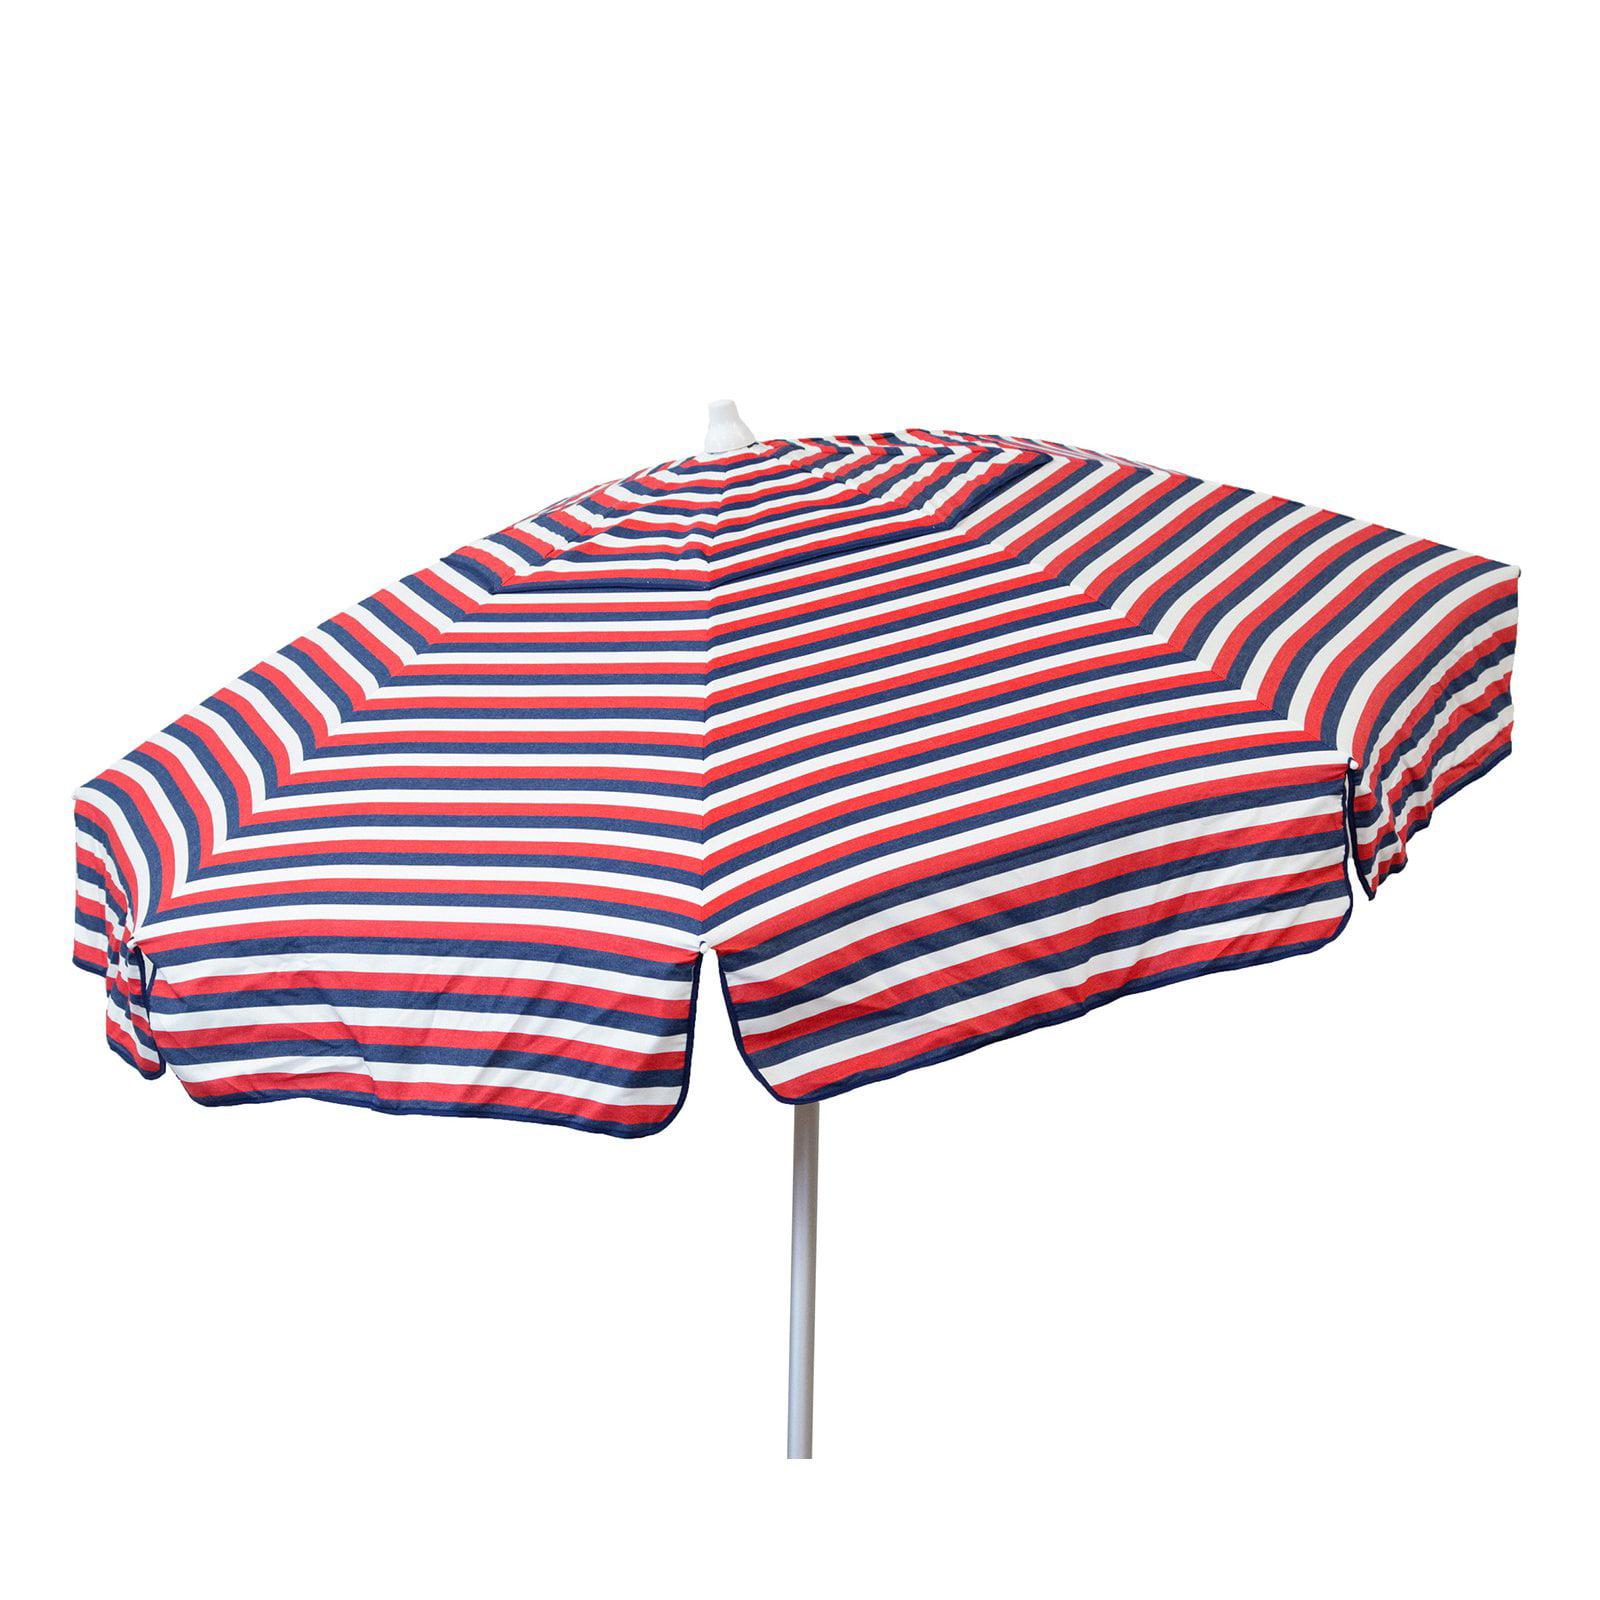 DestinationGear Euro 6 Umbrella Tri Color Stripe Red White Blue